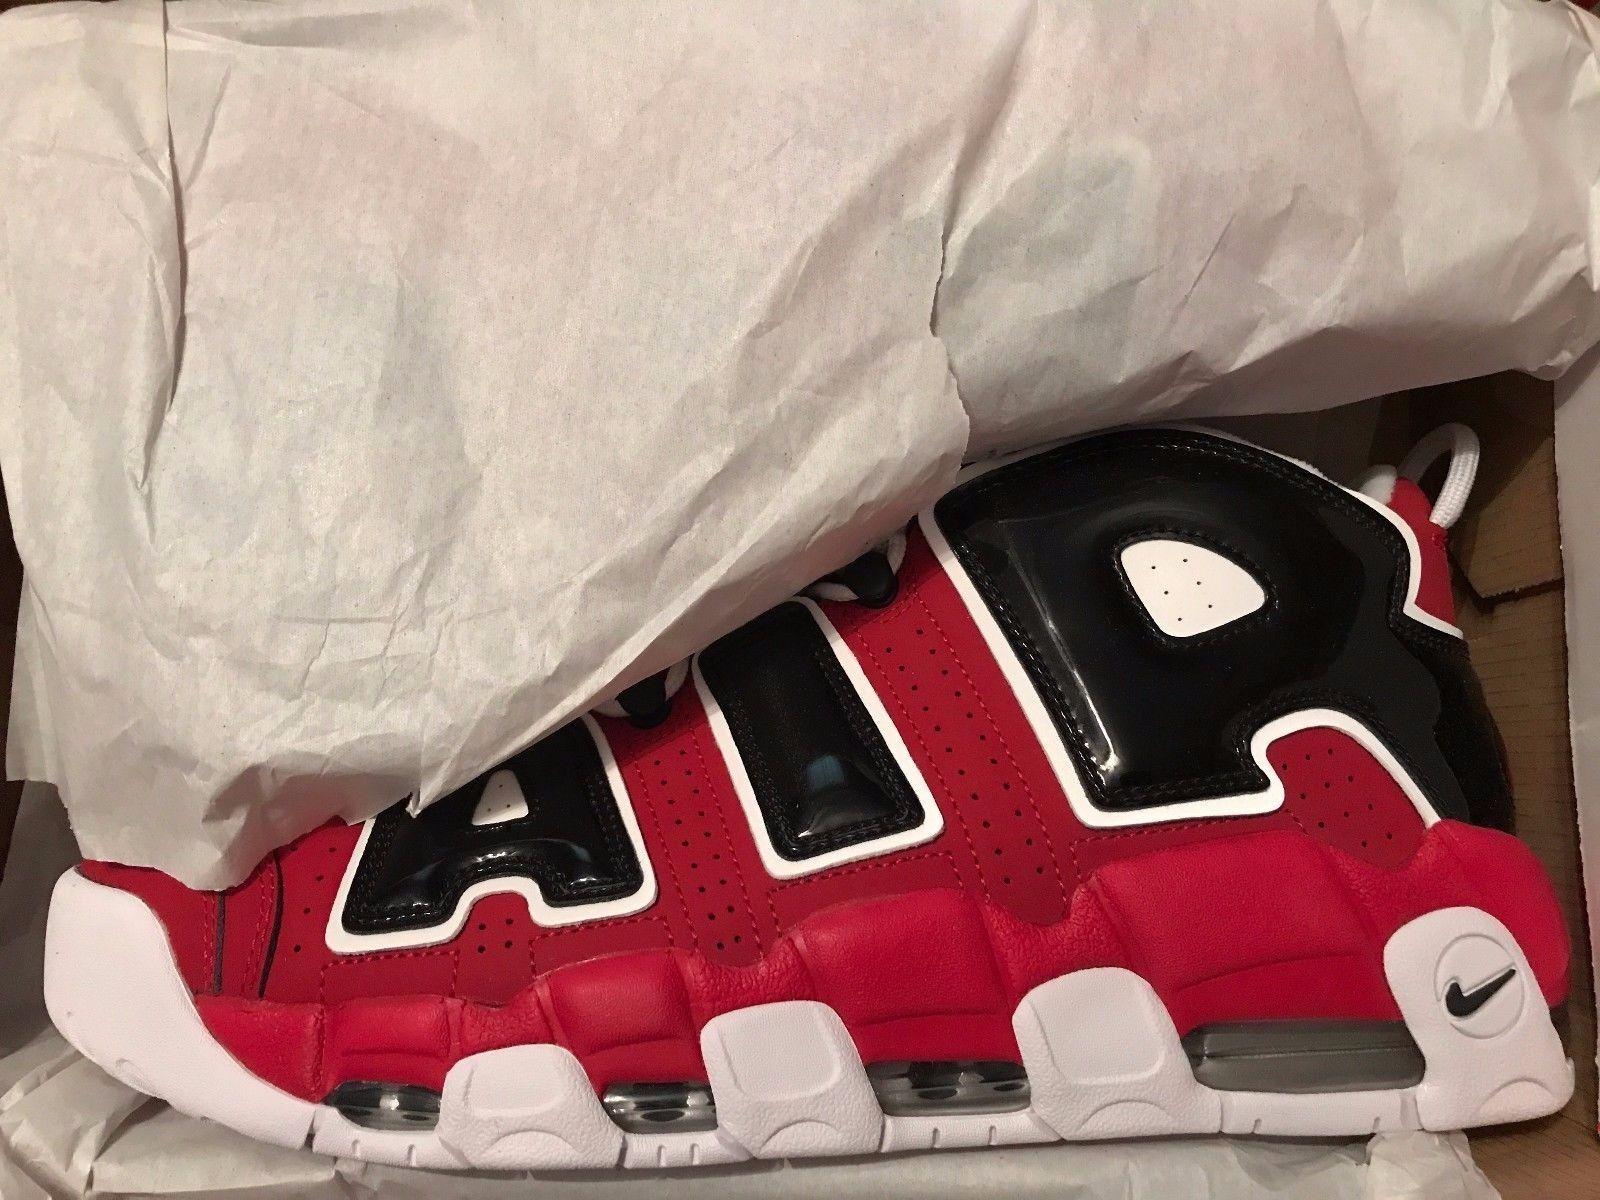 Nike air più ritmo 96 rosso - nero 921948 600 2017, chicago bulls numero 13 -